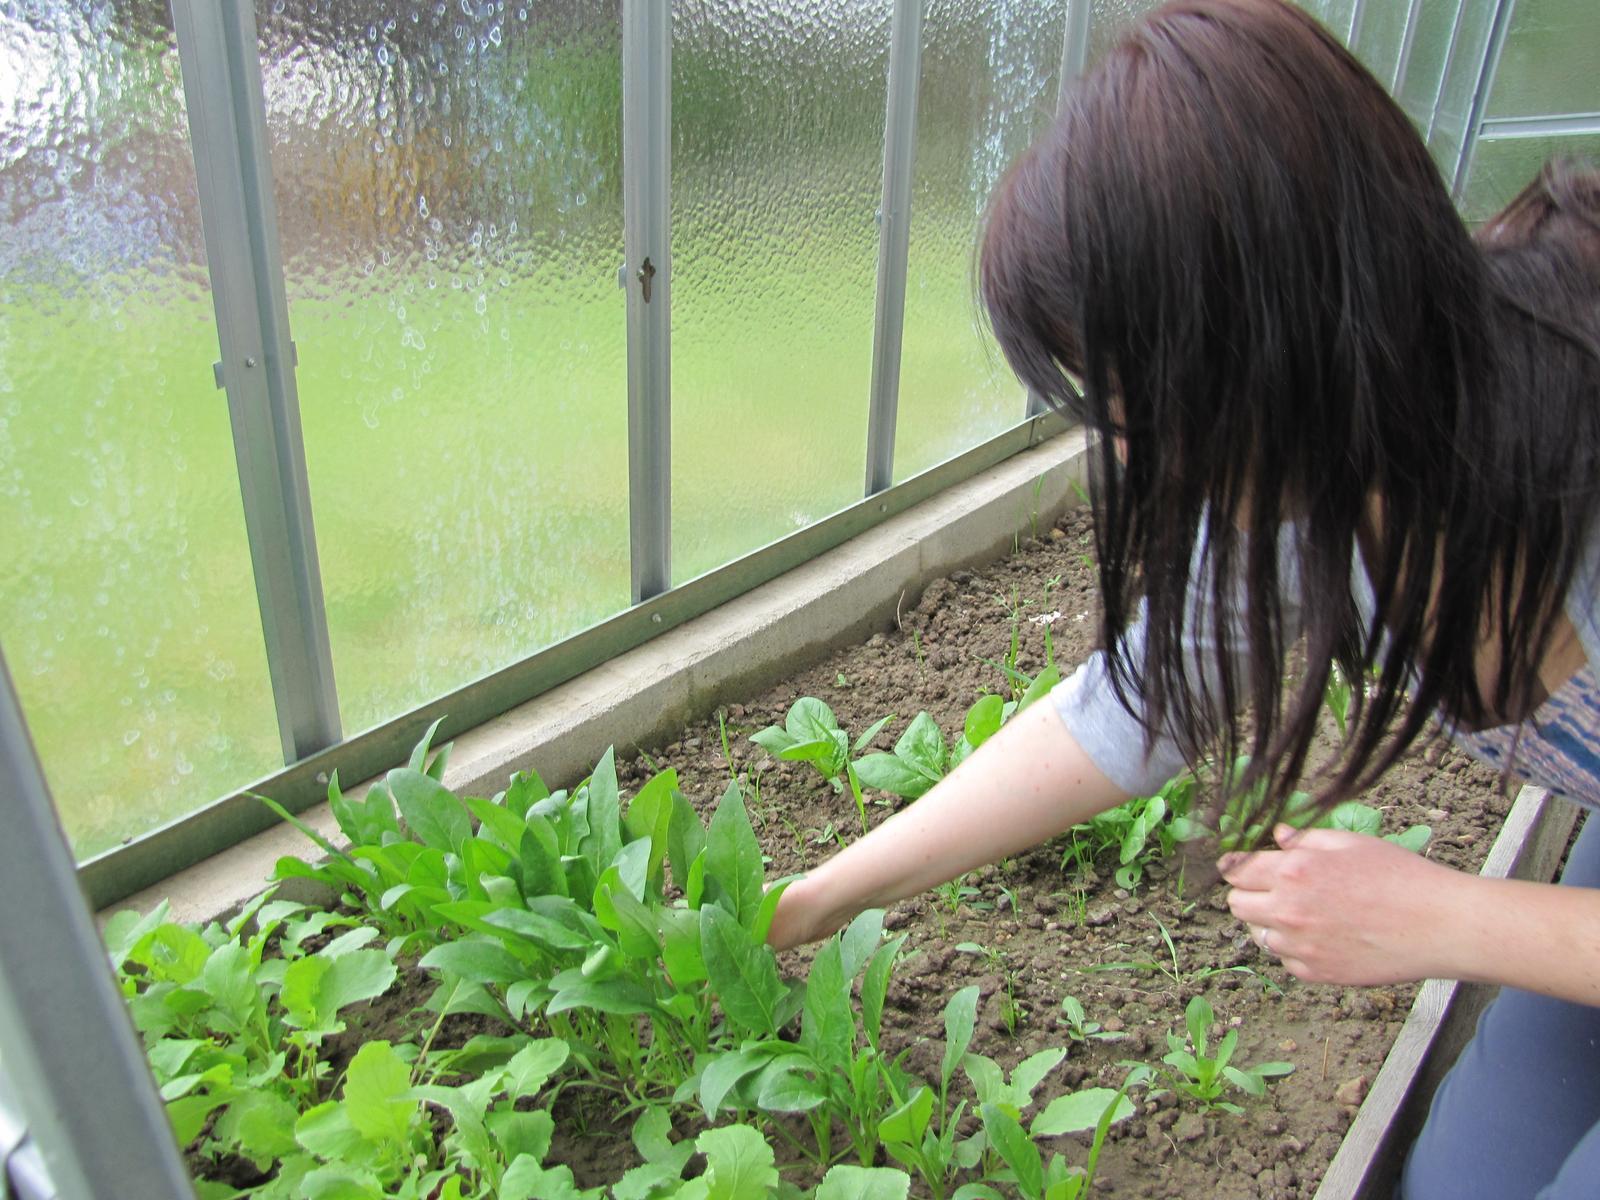 Zahrada - První sklizeň ředkviček a špenátu jsem o víkendu hned využila na bramborový salát a slanou roládu.